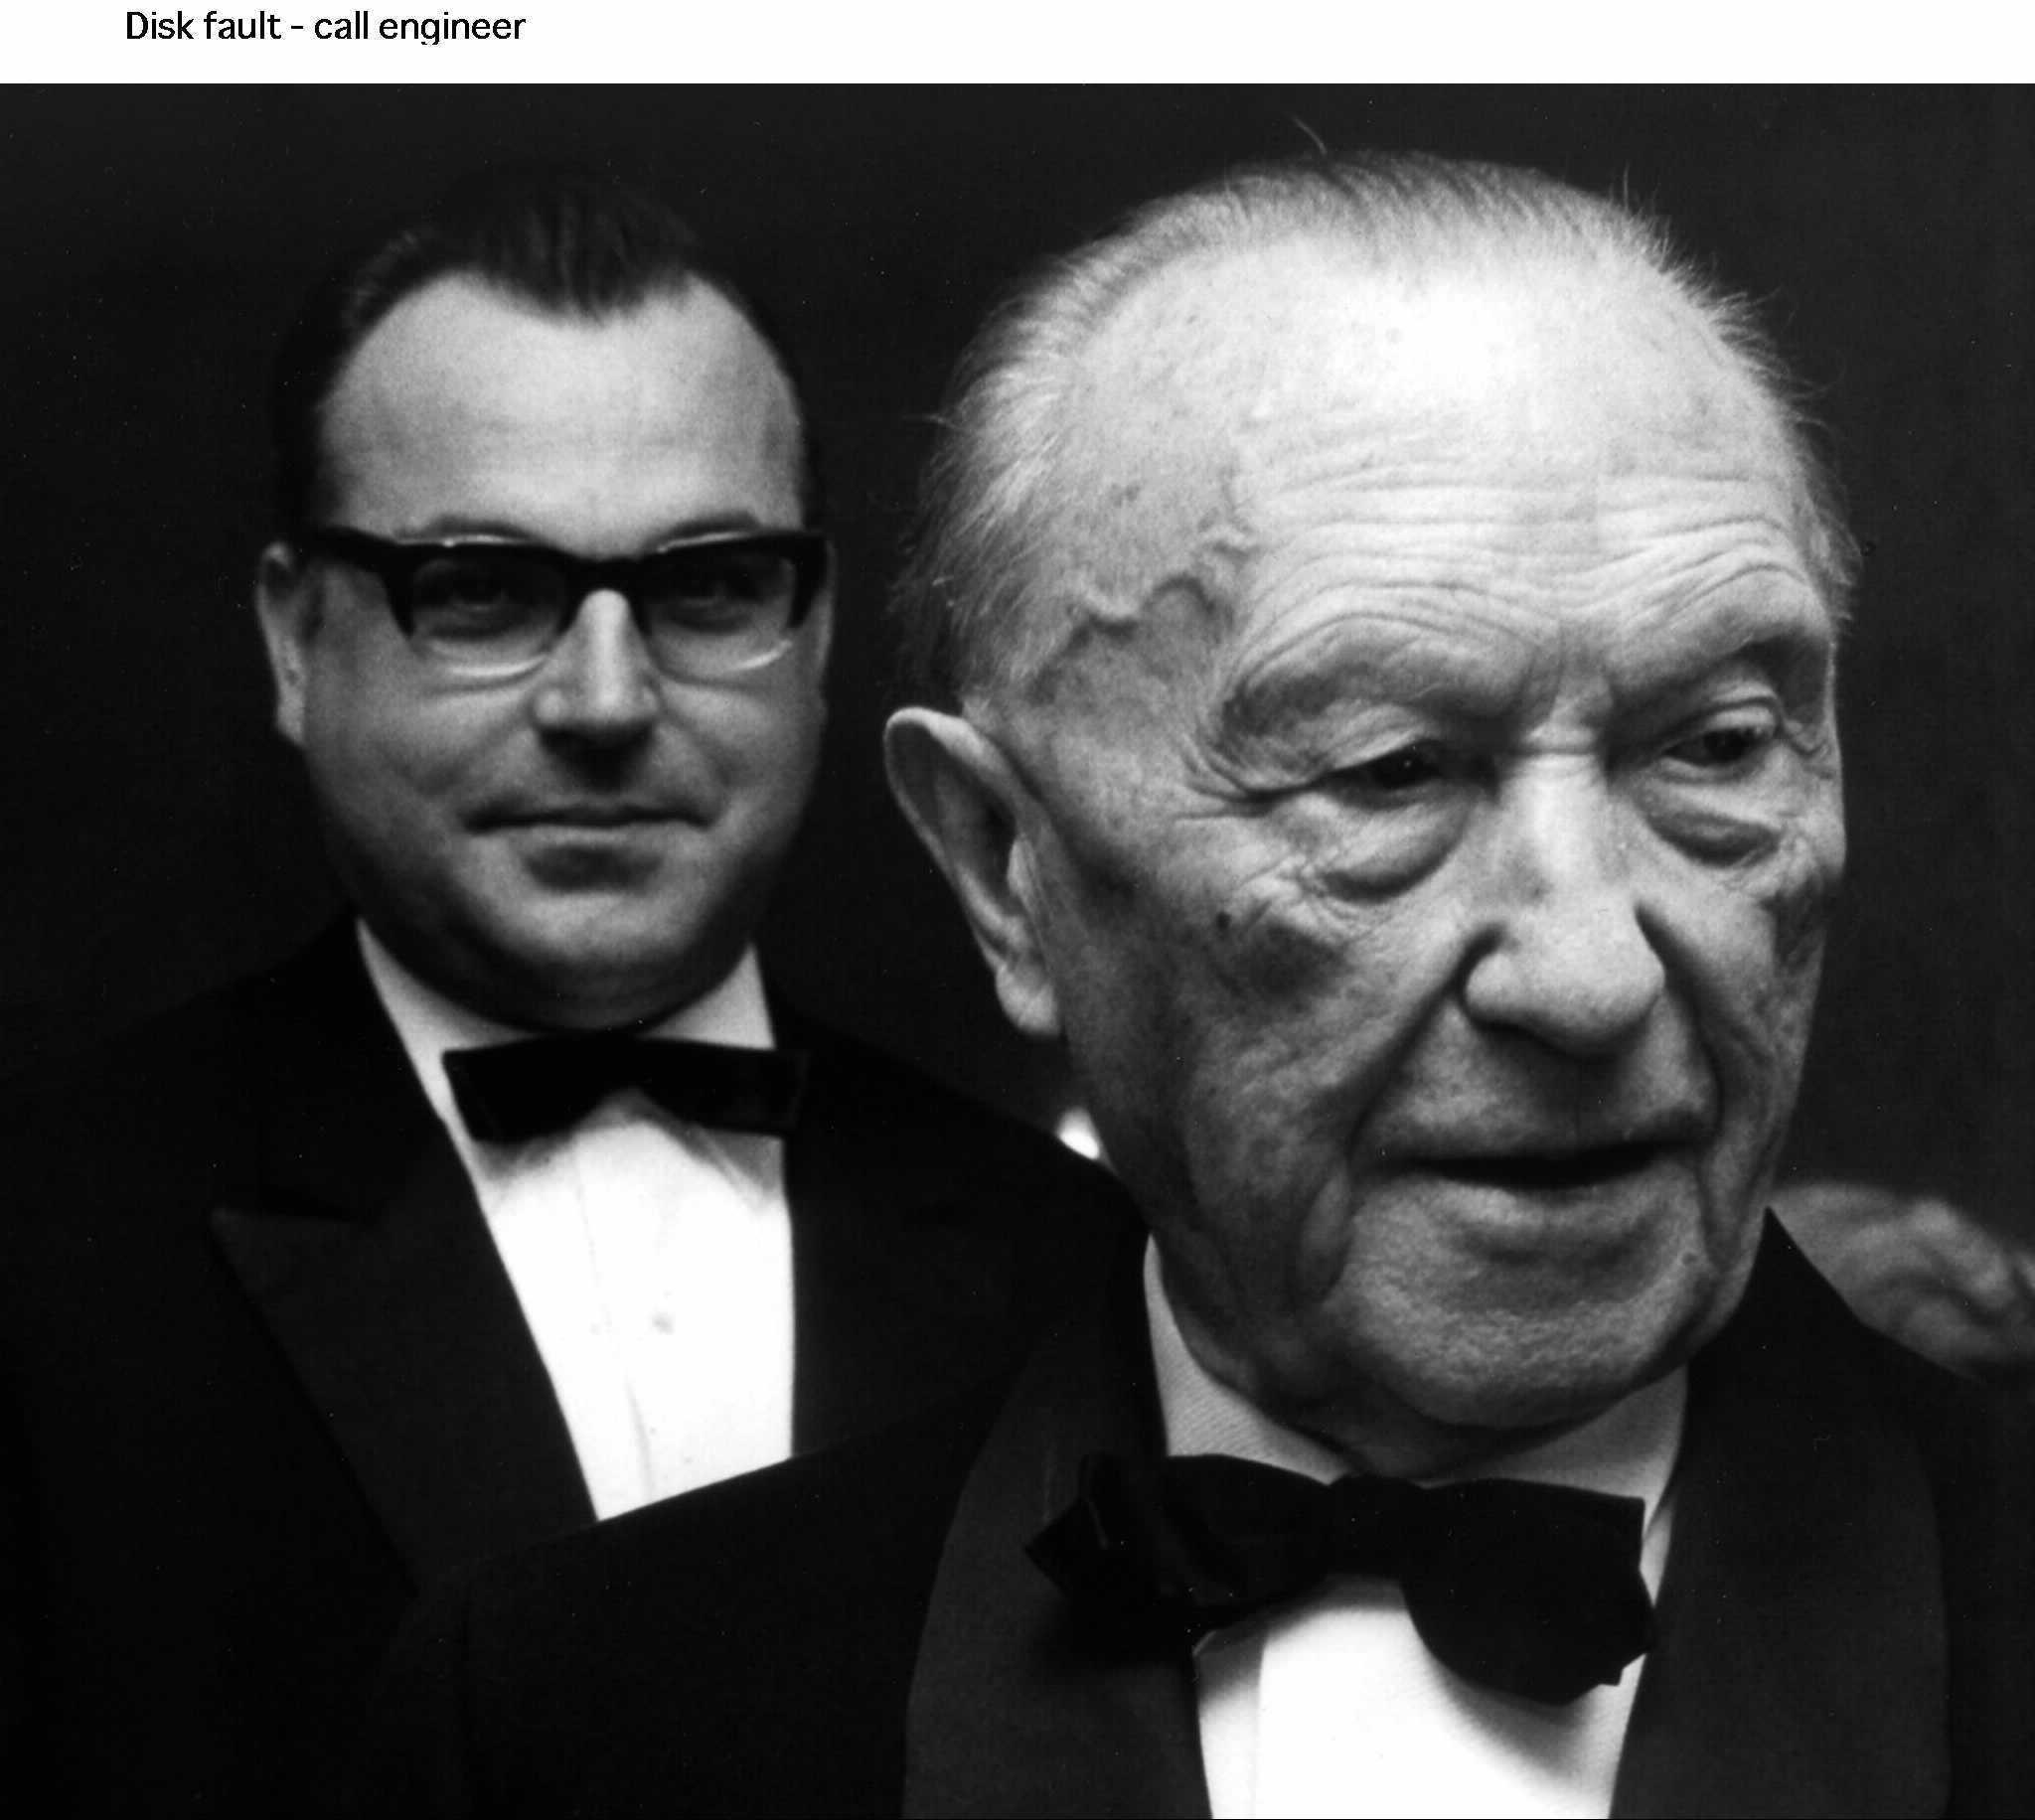 Konrad Adenauer ، در پیش زمینه ، در یک تصویر پرونده.